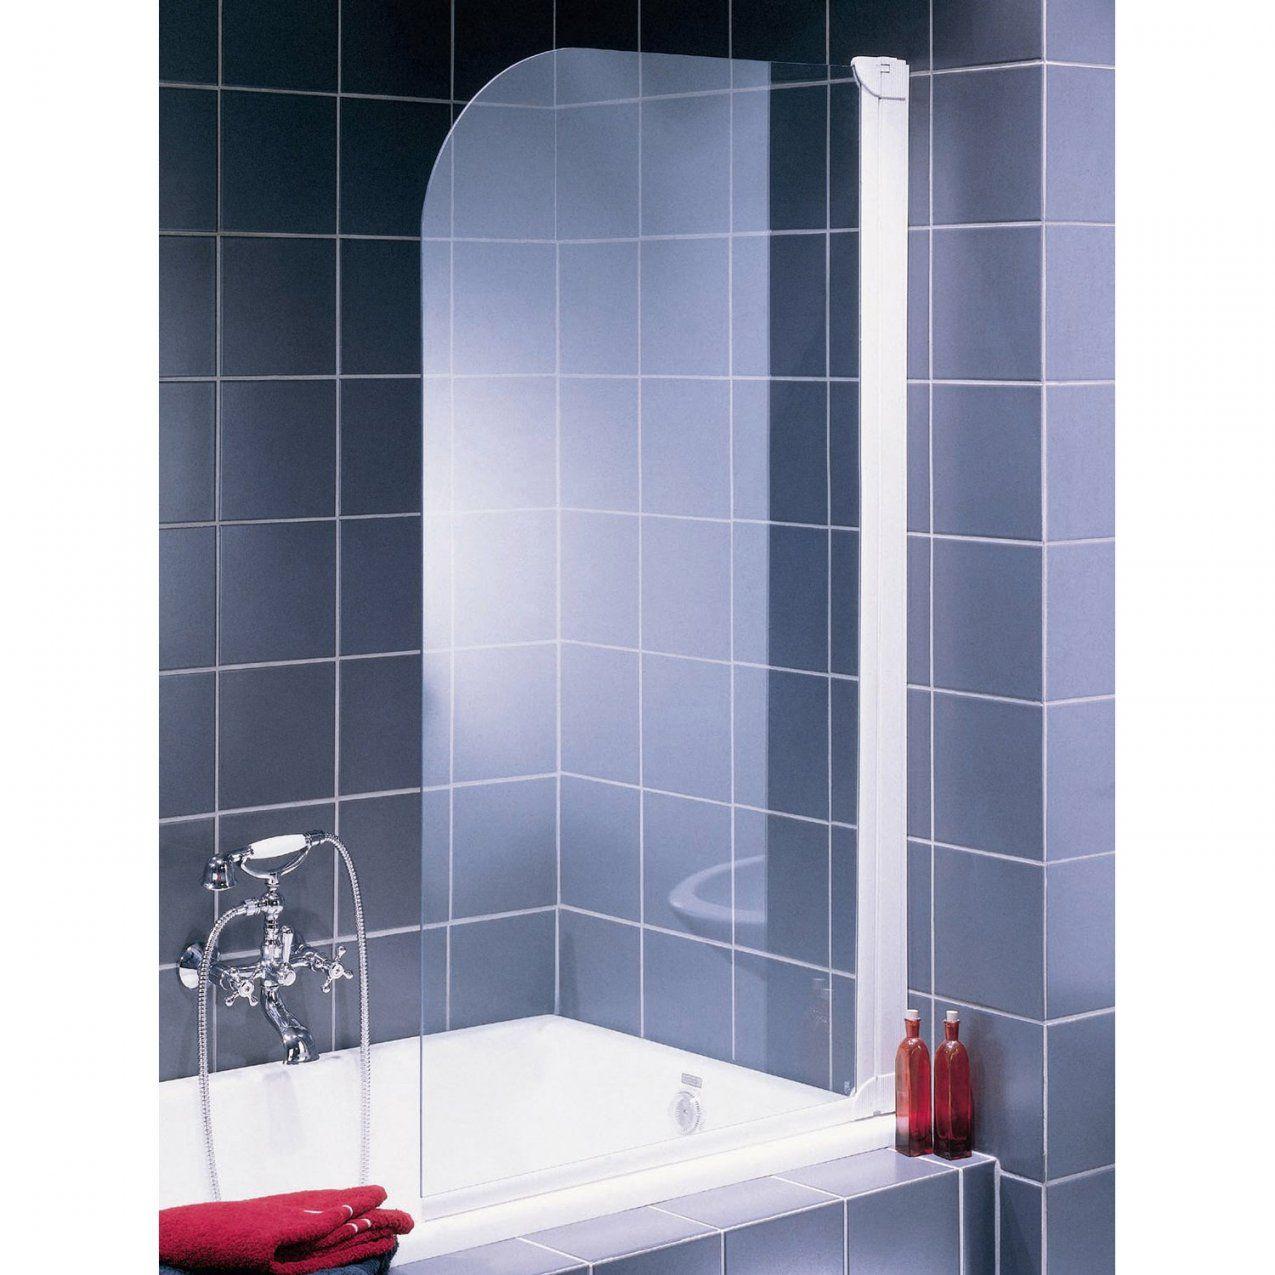 Duschwand Badewanne Kaufen Bei Obi von Duschwand Für Badewanne Obi Photo